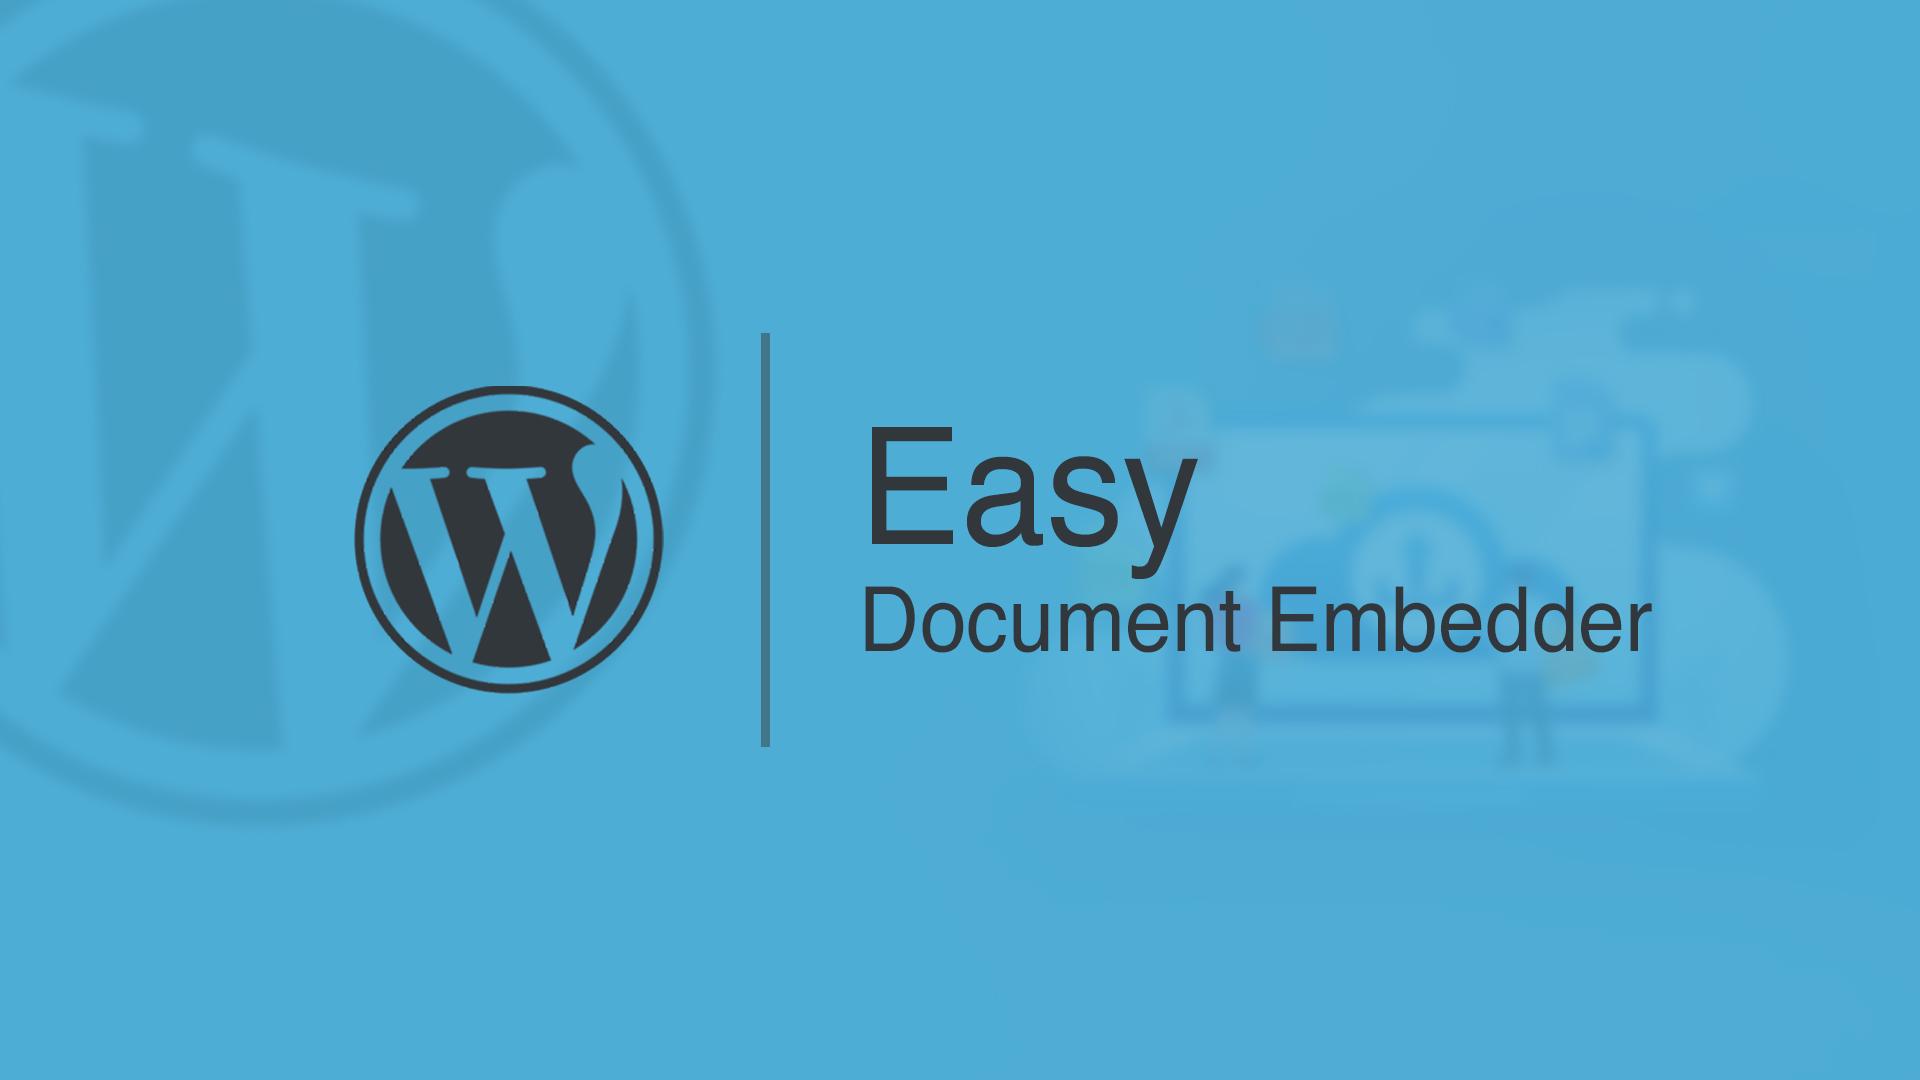 easy-document-embedder